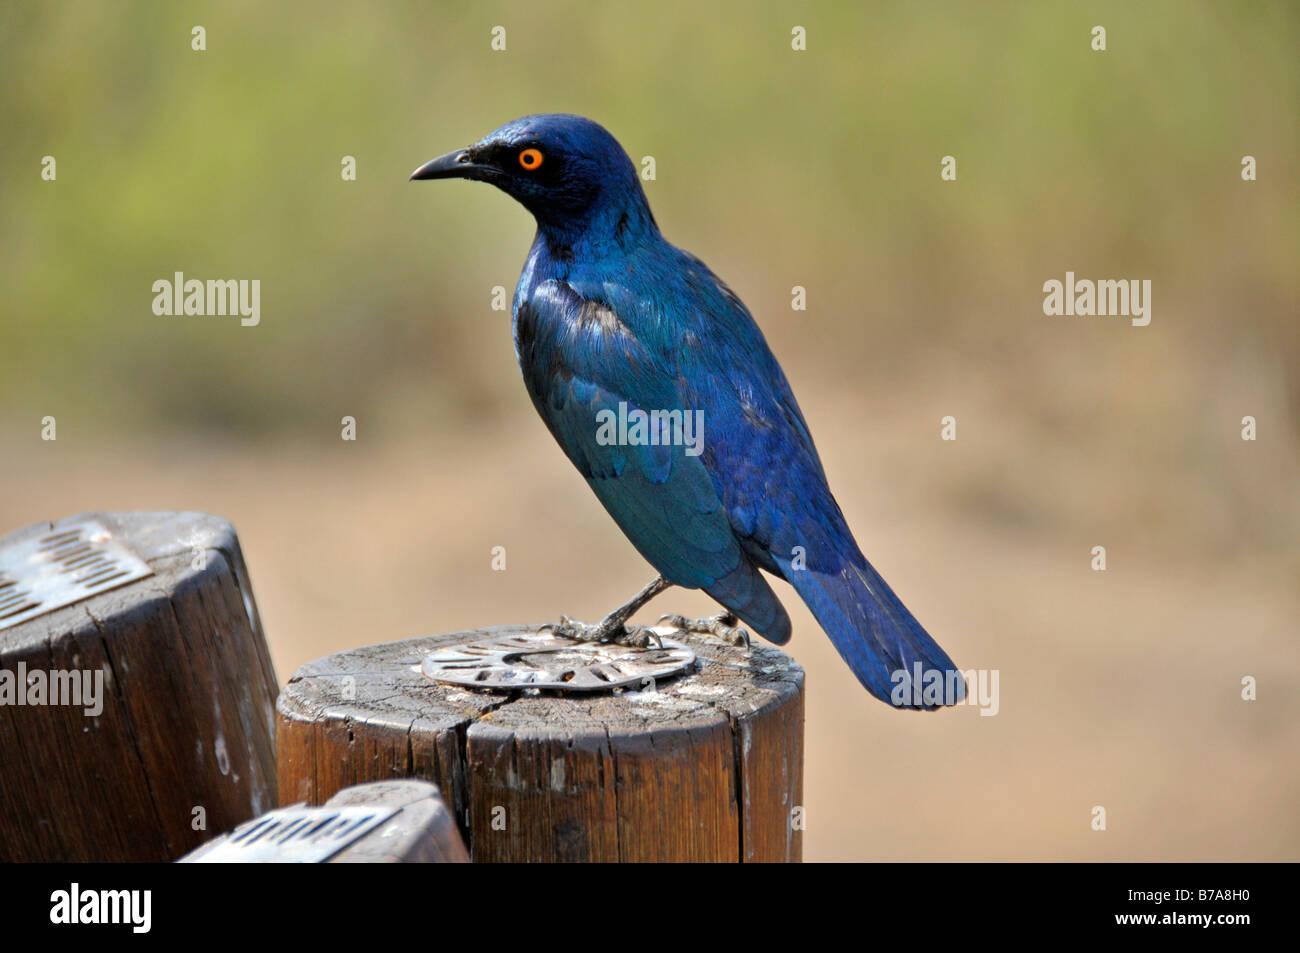 Blue-headed Crested Flycatcher (Melaenornis pammelaina), Krueger-Nationalpark, South Africa, Africa - Stock Image